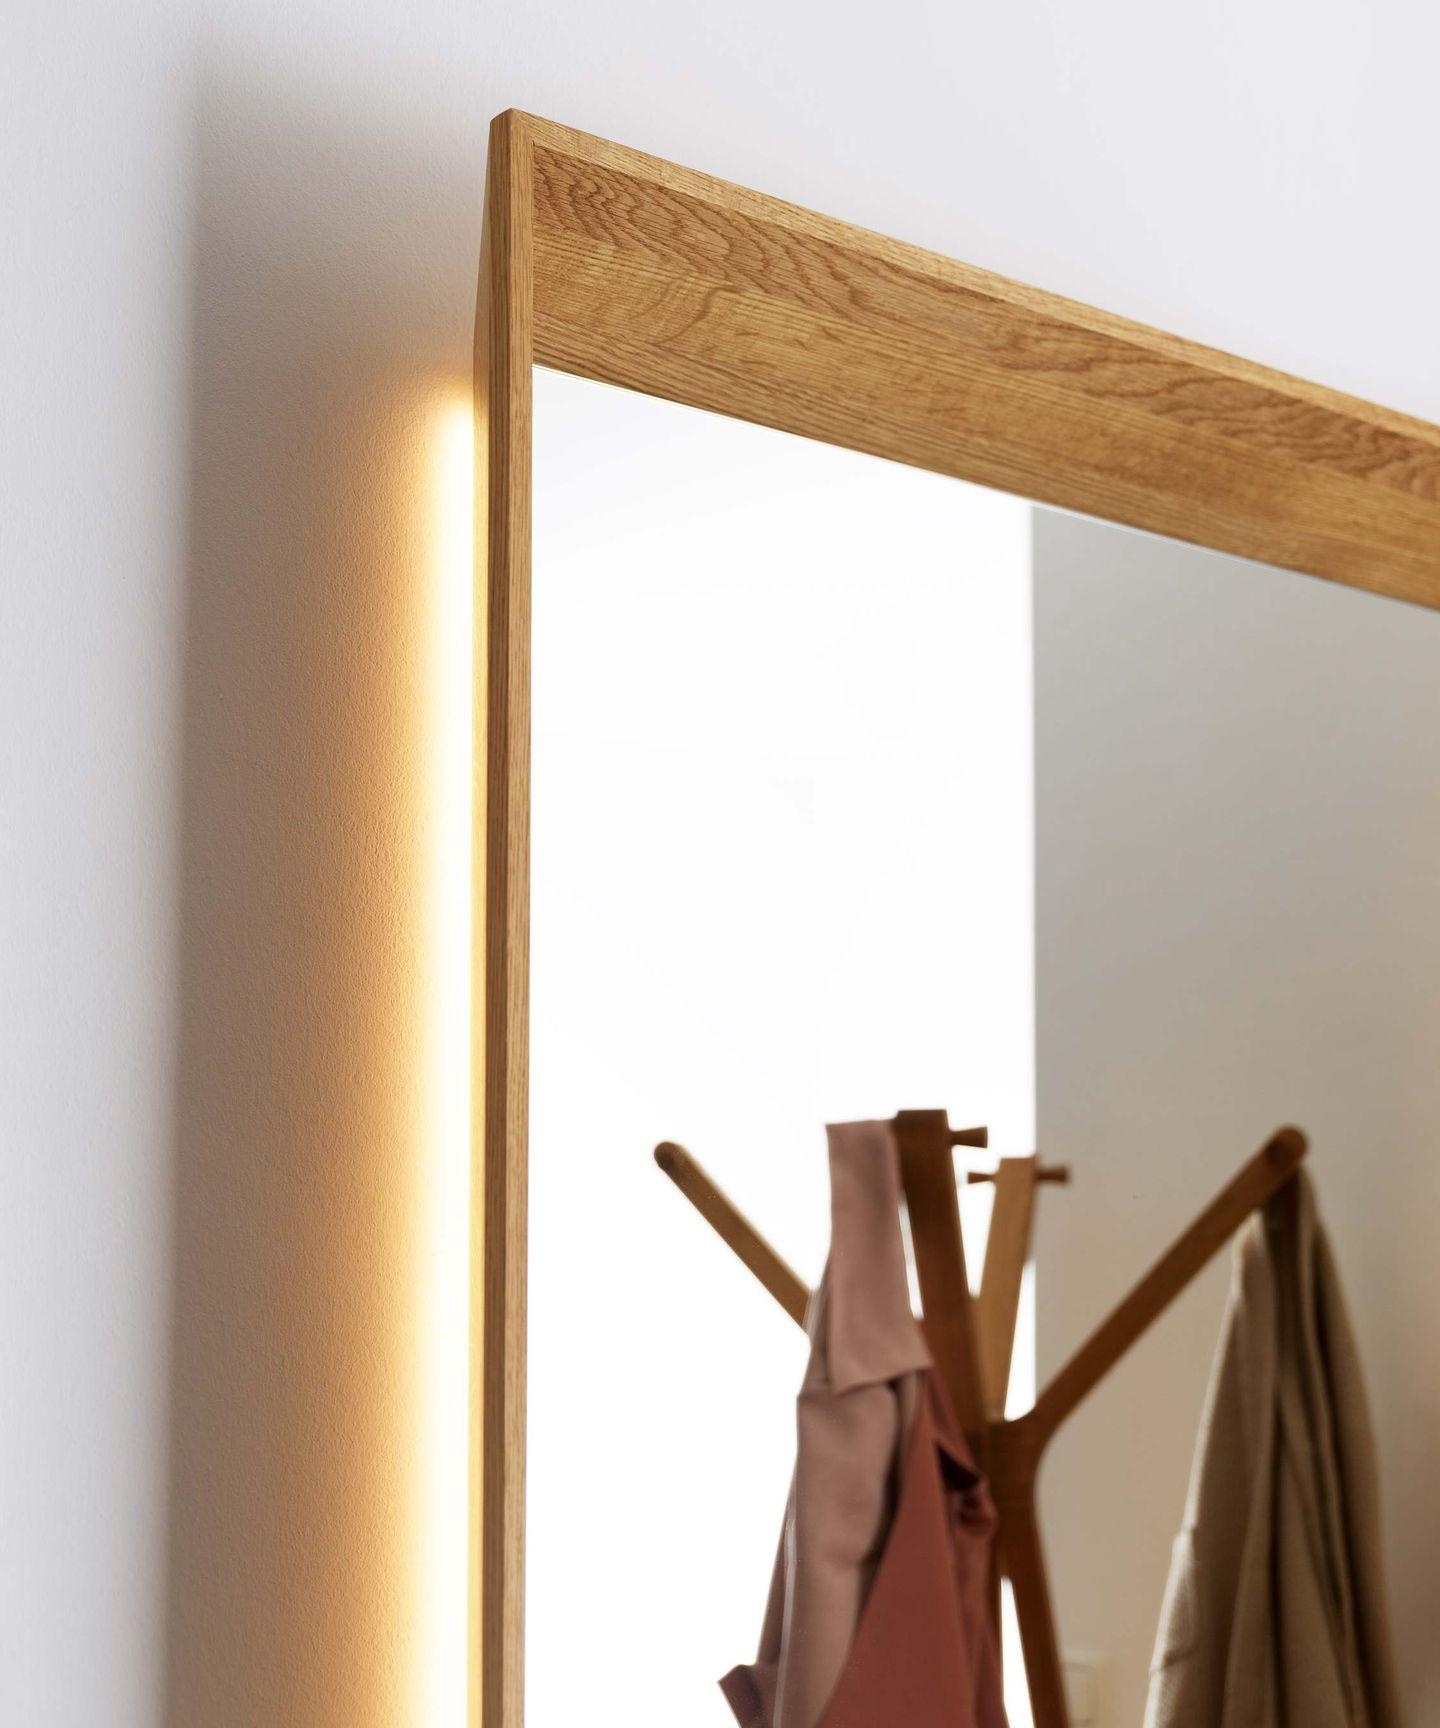 panneau miroir haiku en chêne avec éclairage